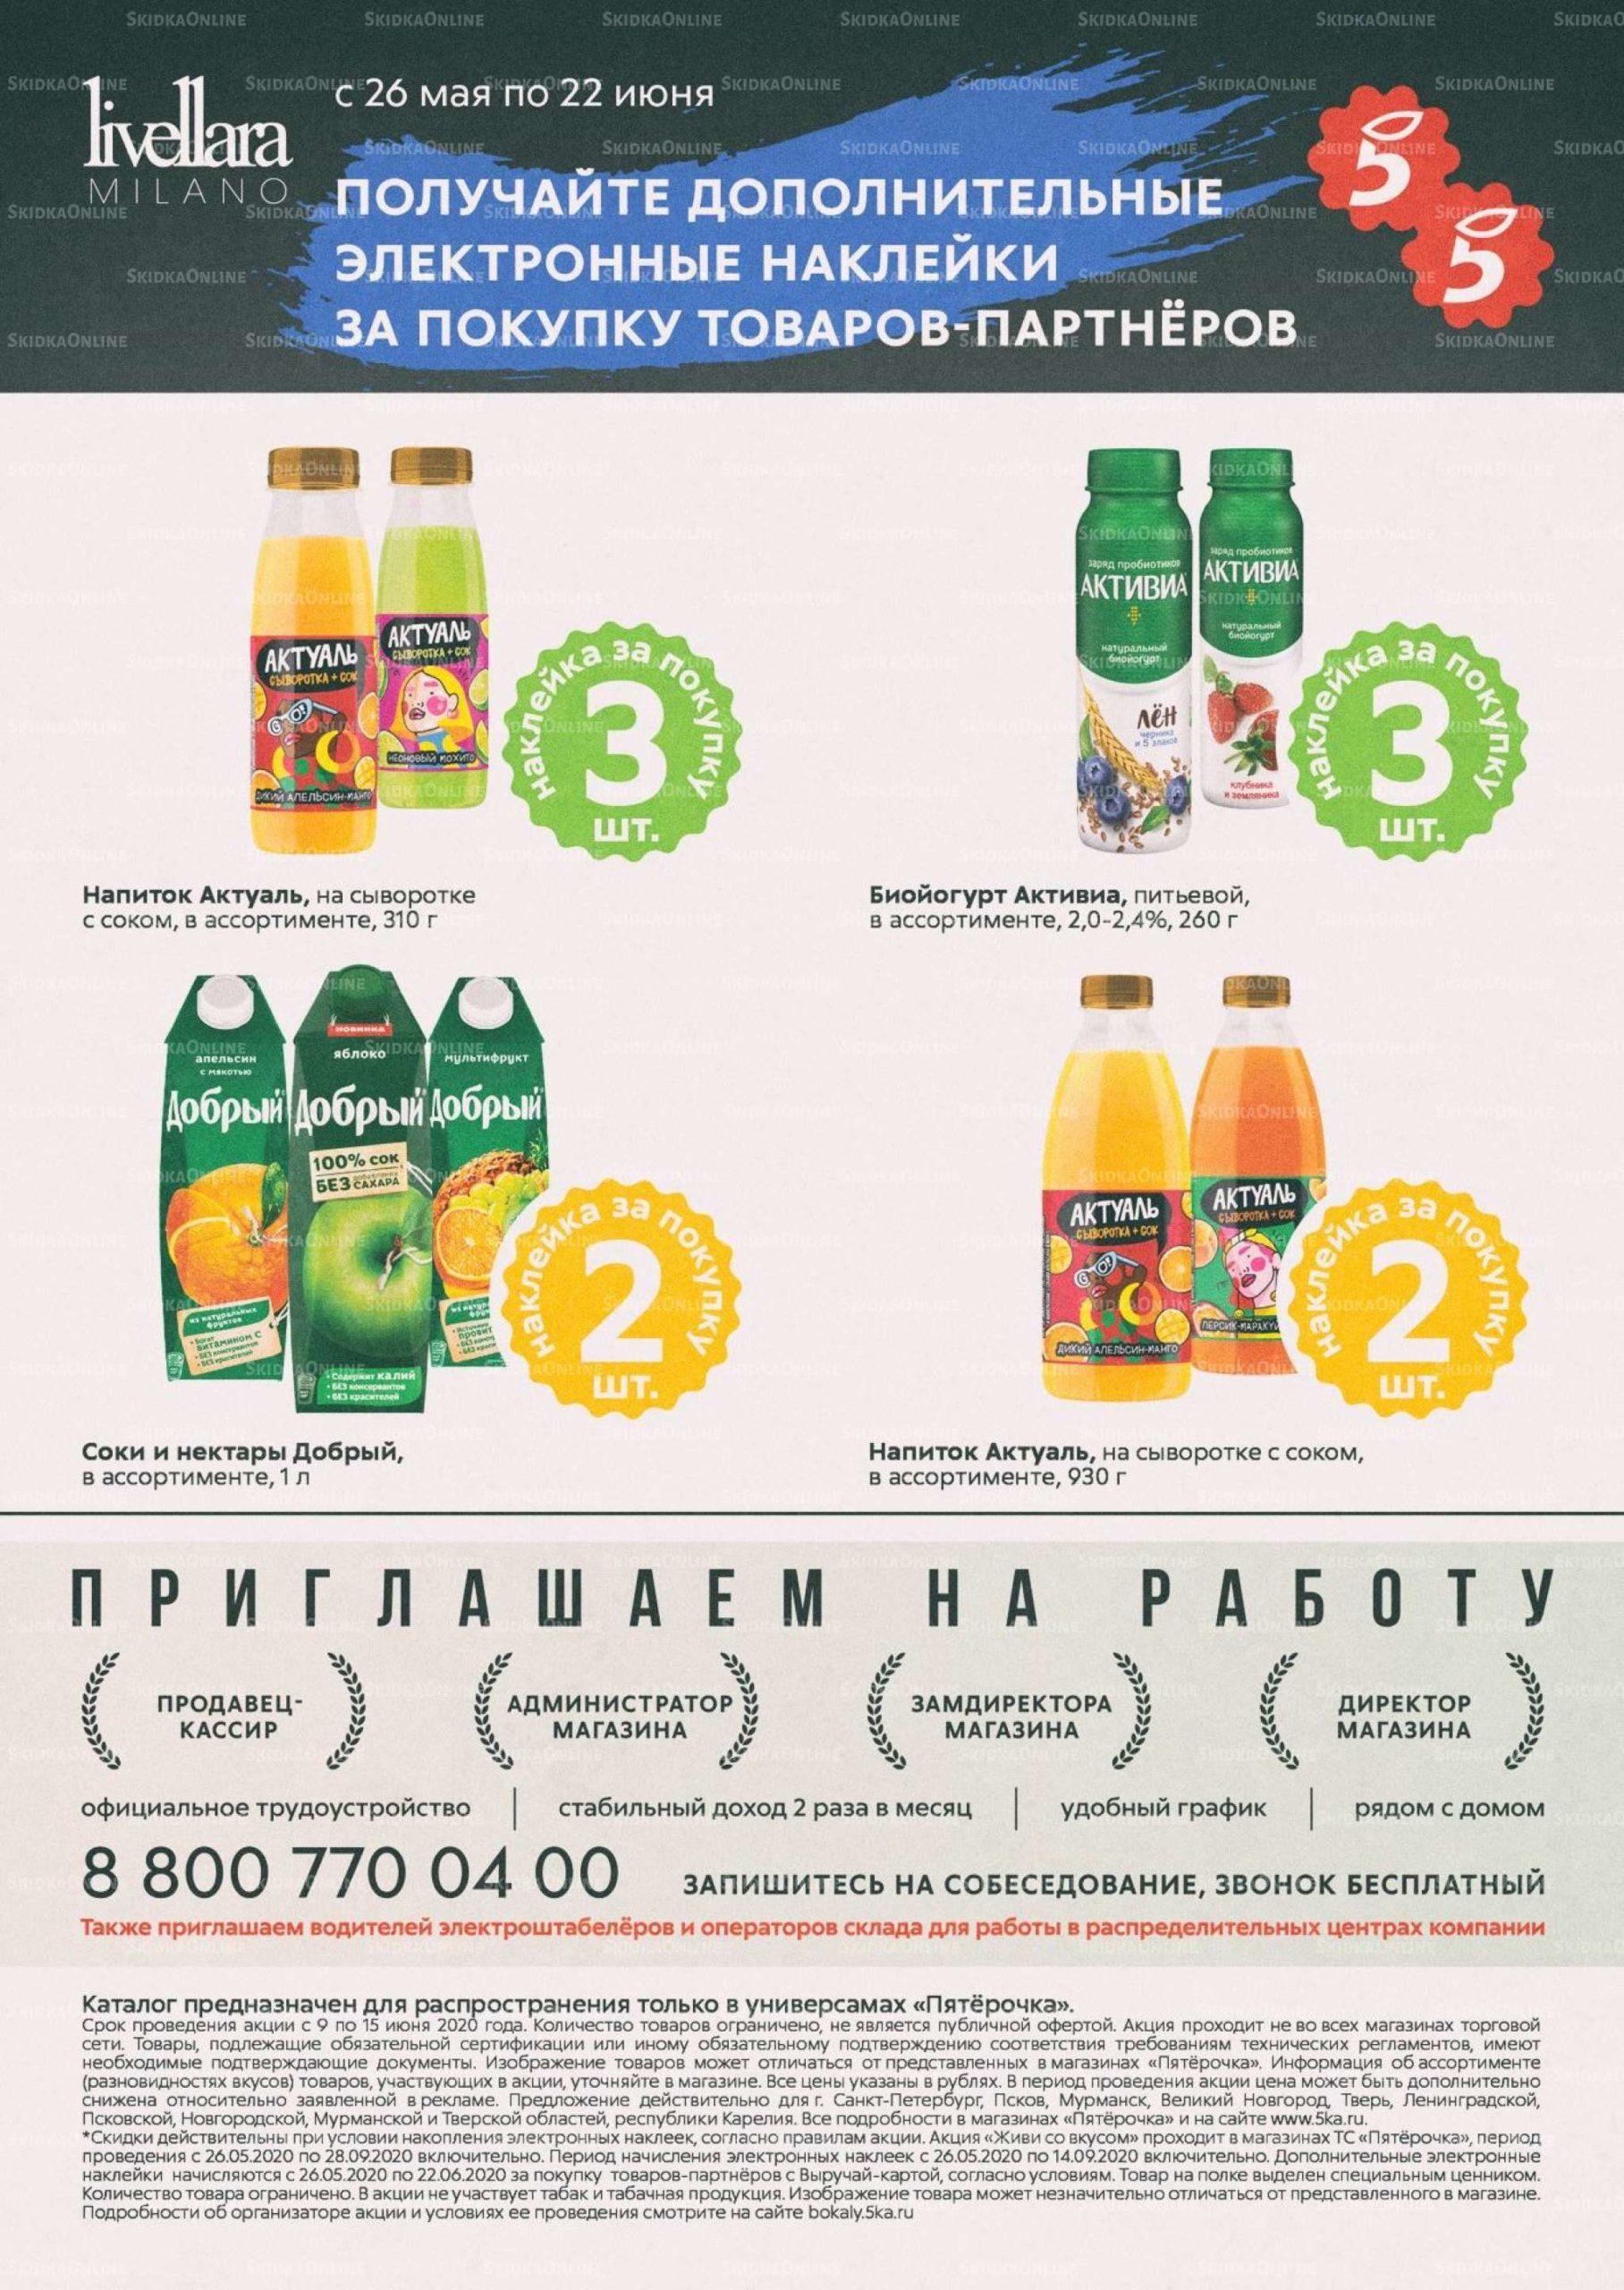 Акции в Пятёрочке с 9 по 15 июня 2020 года